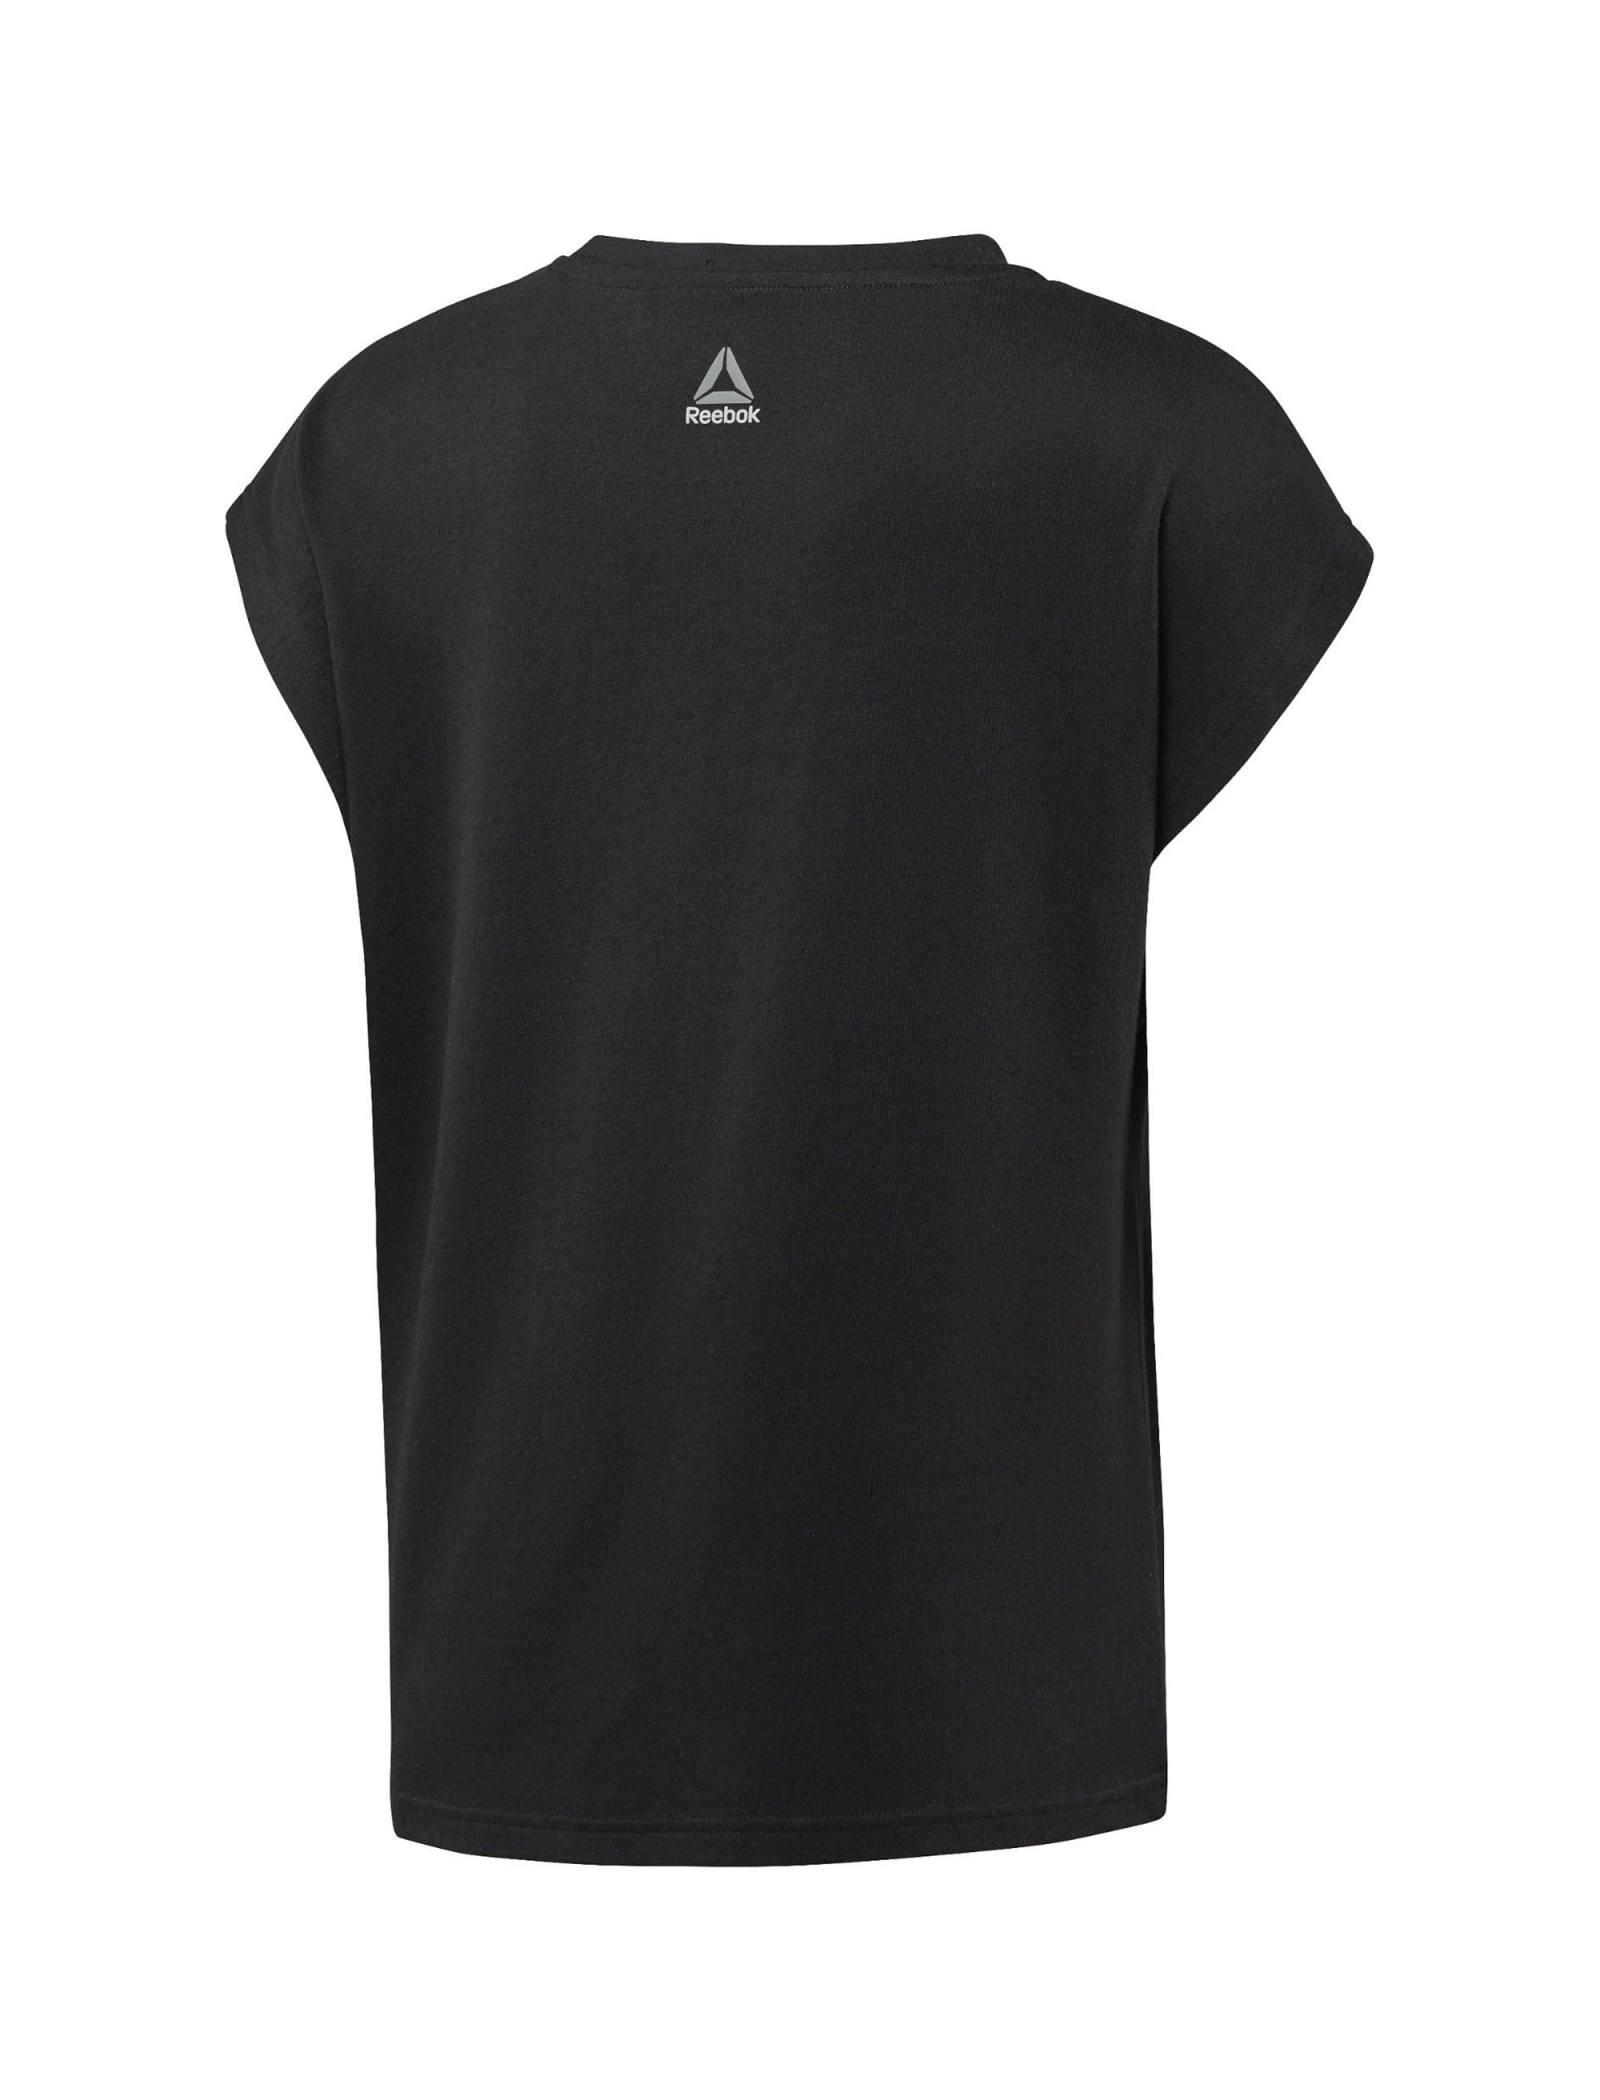 تی شرت ورزشی نخی یقه گرد زنانه Les Milles - ریباک - مشکي - 2